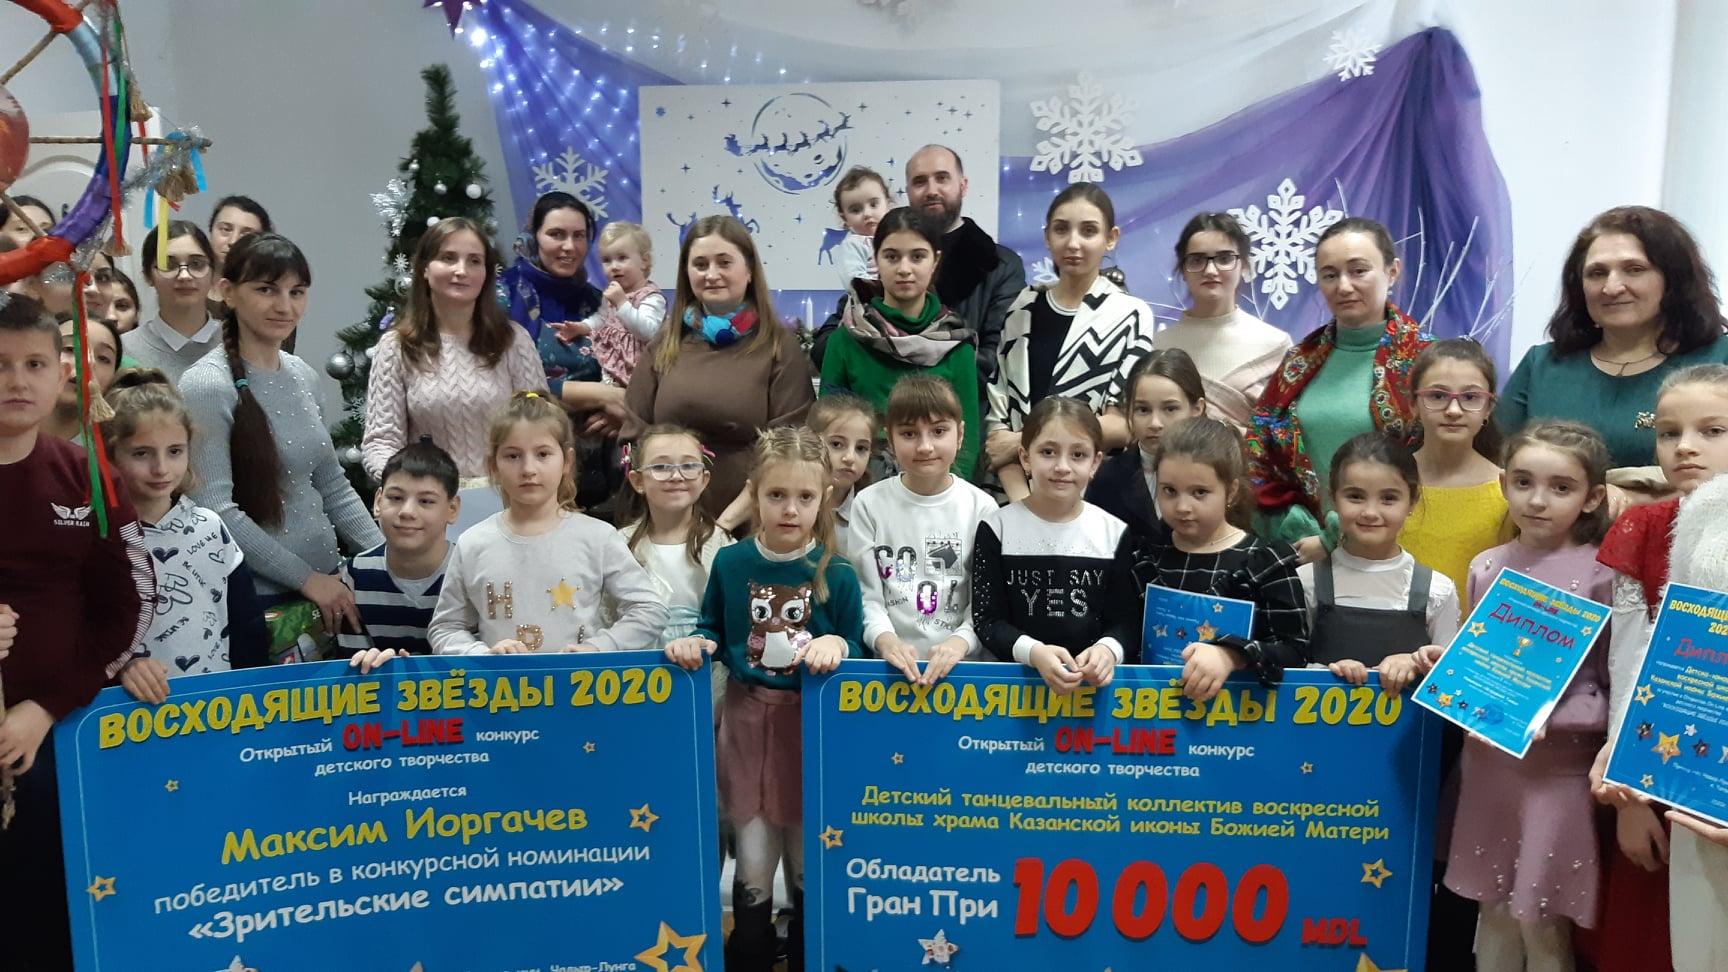 (ФОТО/ВИДЕО) Состоялось награждение победителей конкурса детского творчества «Восходящие звезды 2020»